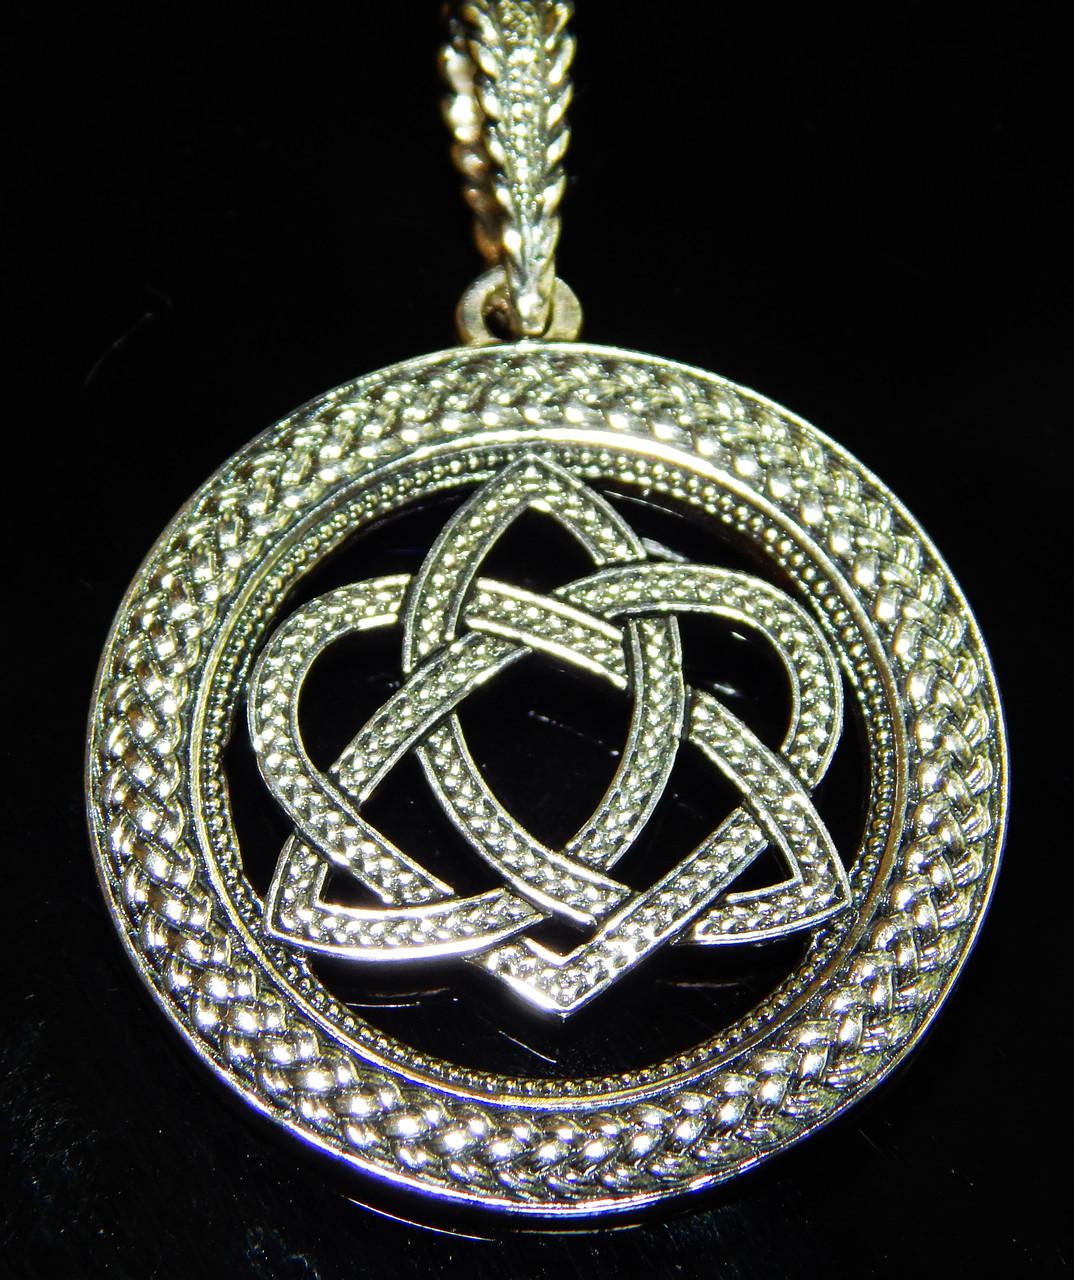 роду гоголя кельтский узел любви фото гости тобой рядом